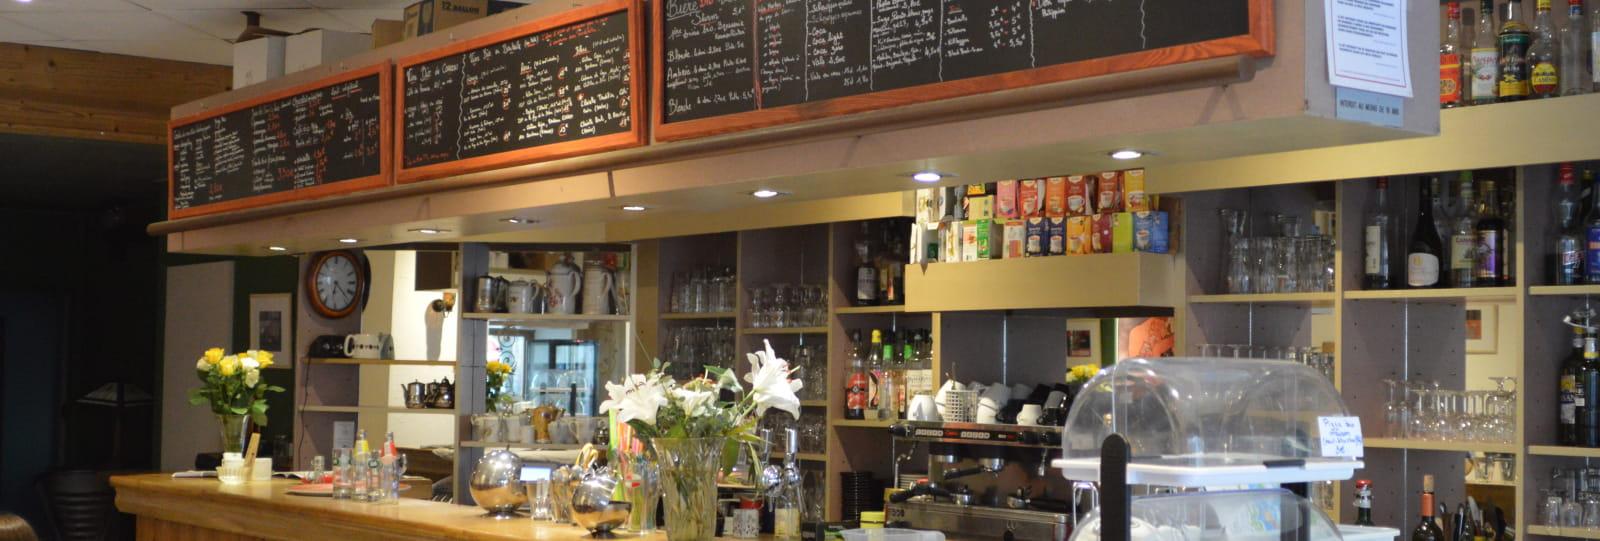 Restaurant Le Café des Lys